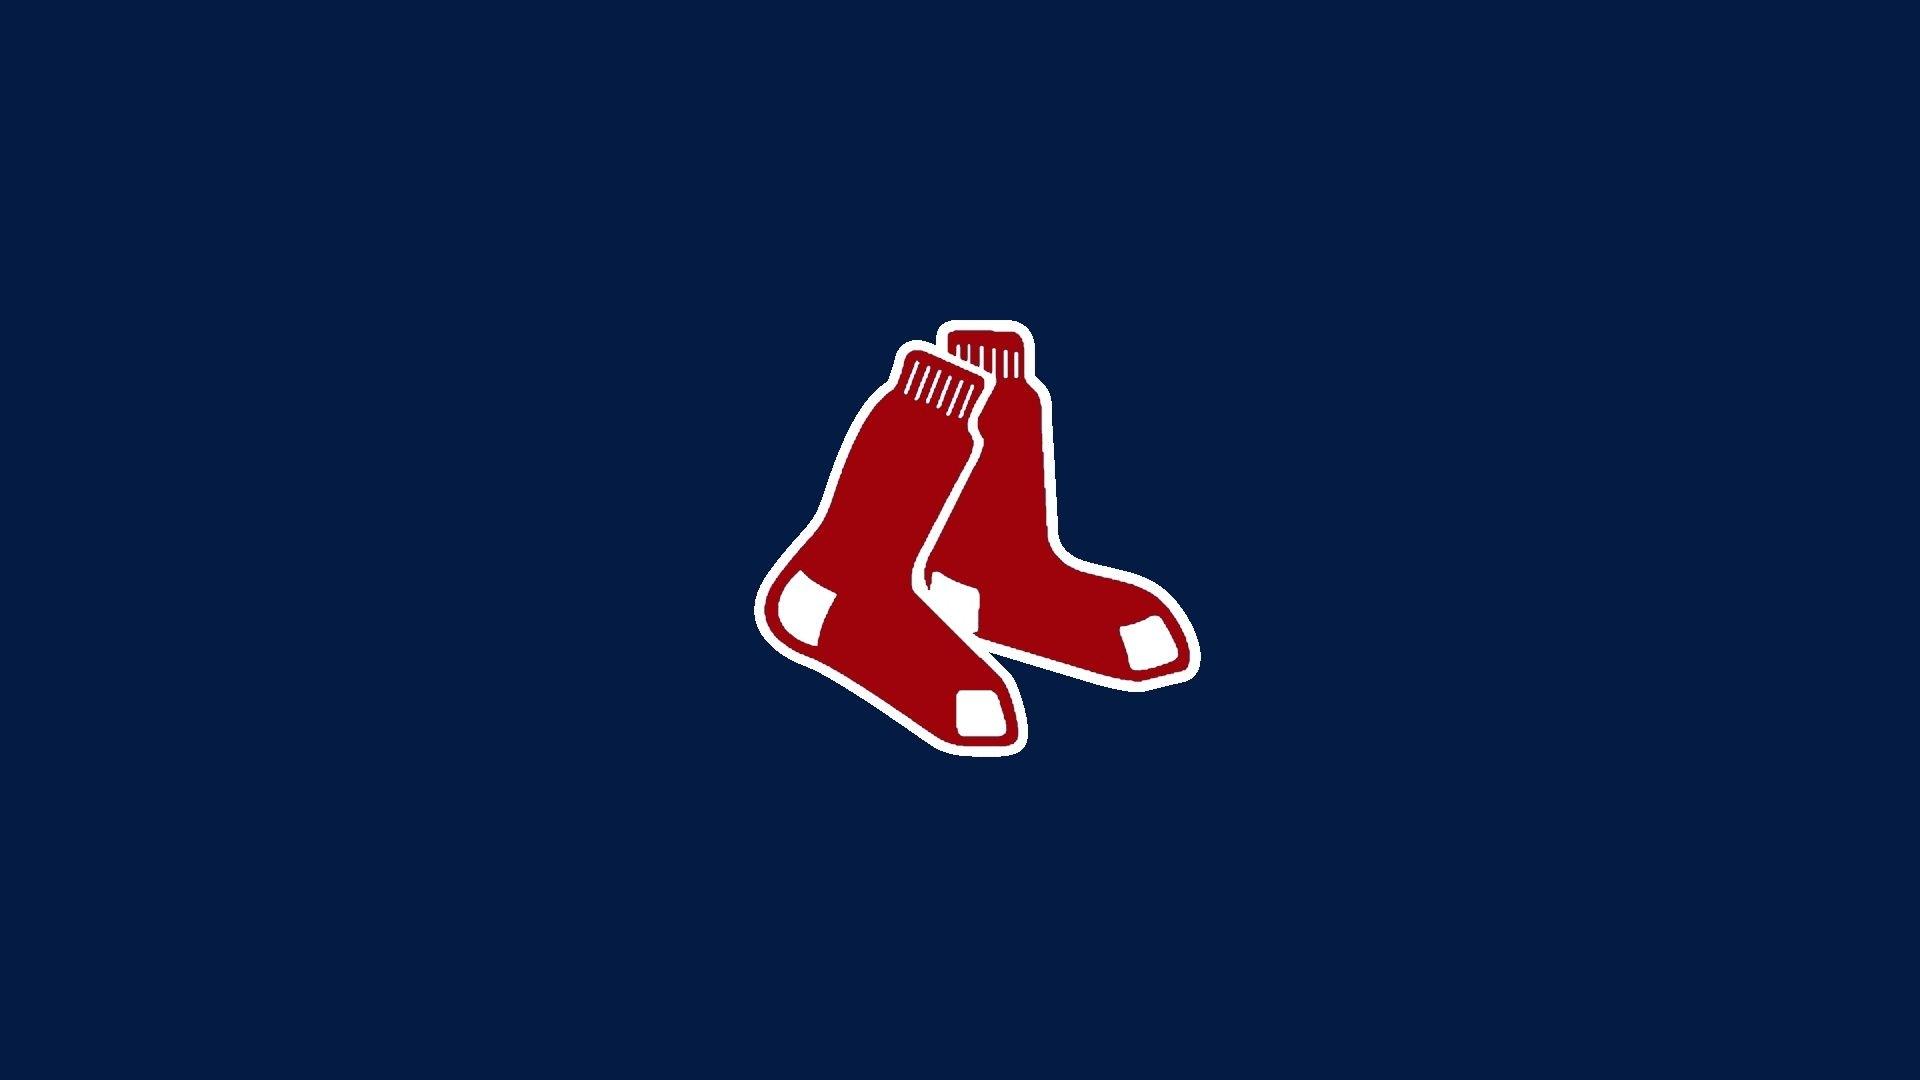 wallpaper.wiki-hd-boston-red-sox-logo-wallpaper-pic-wpe005496